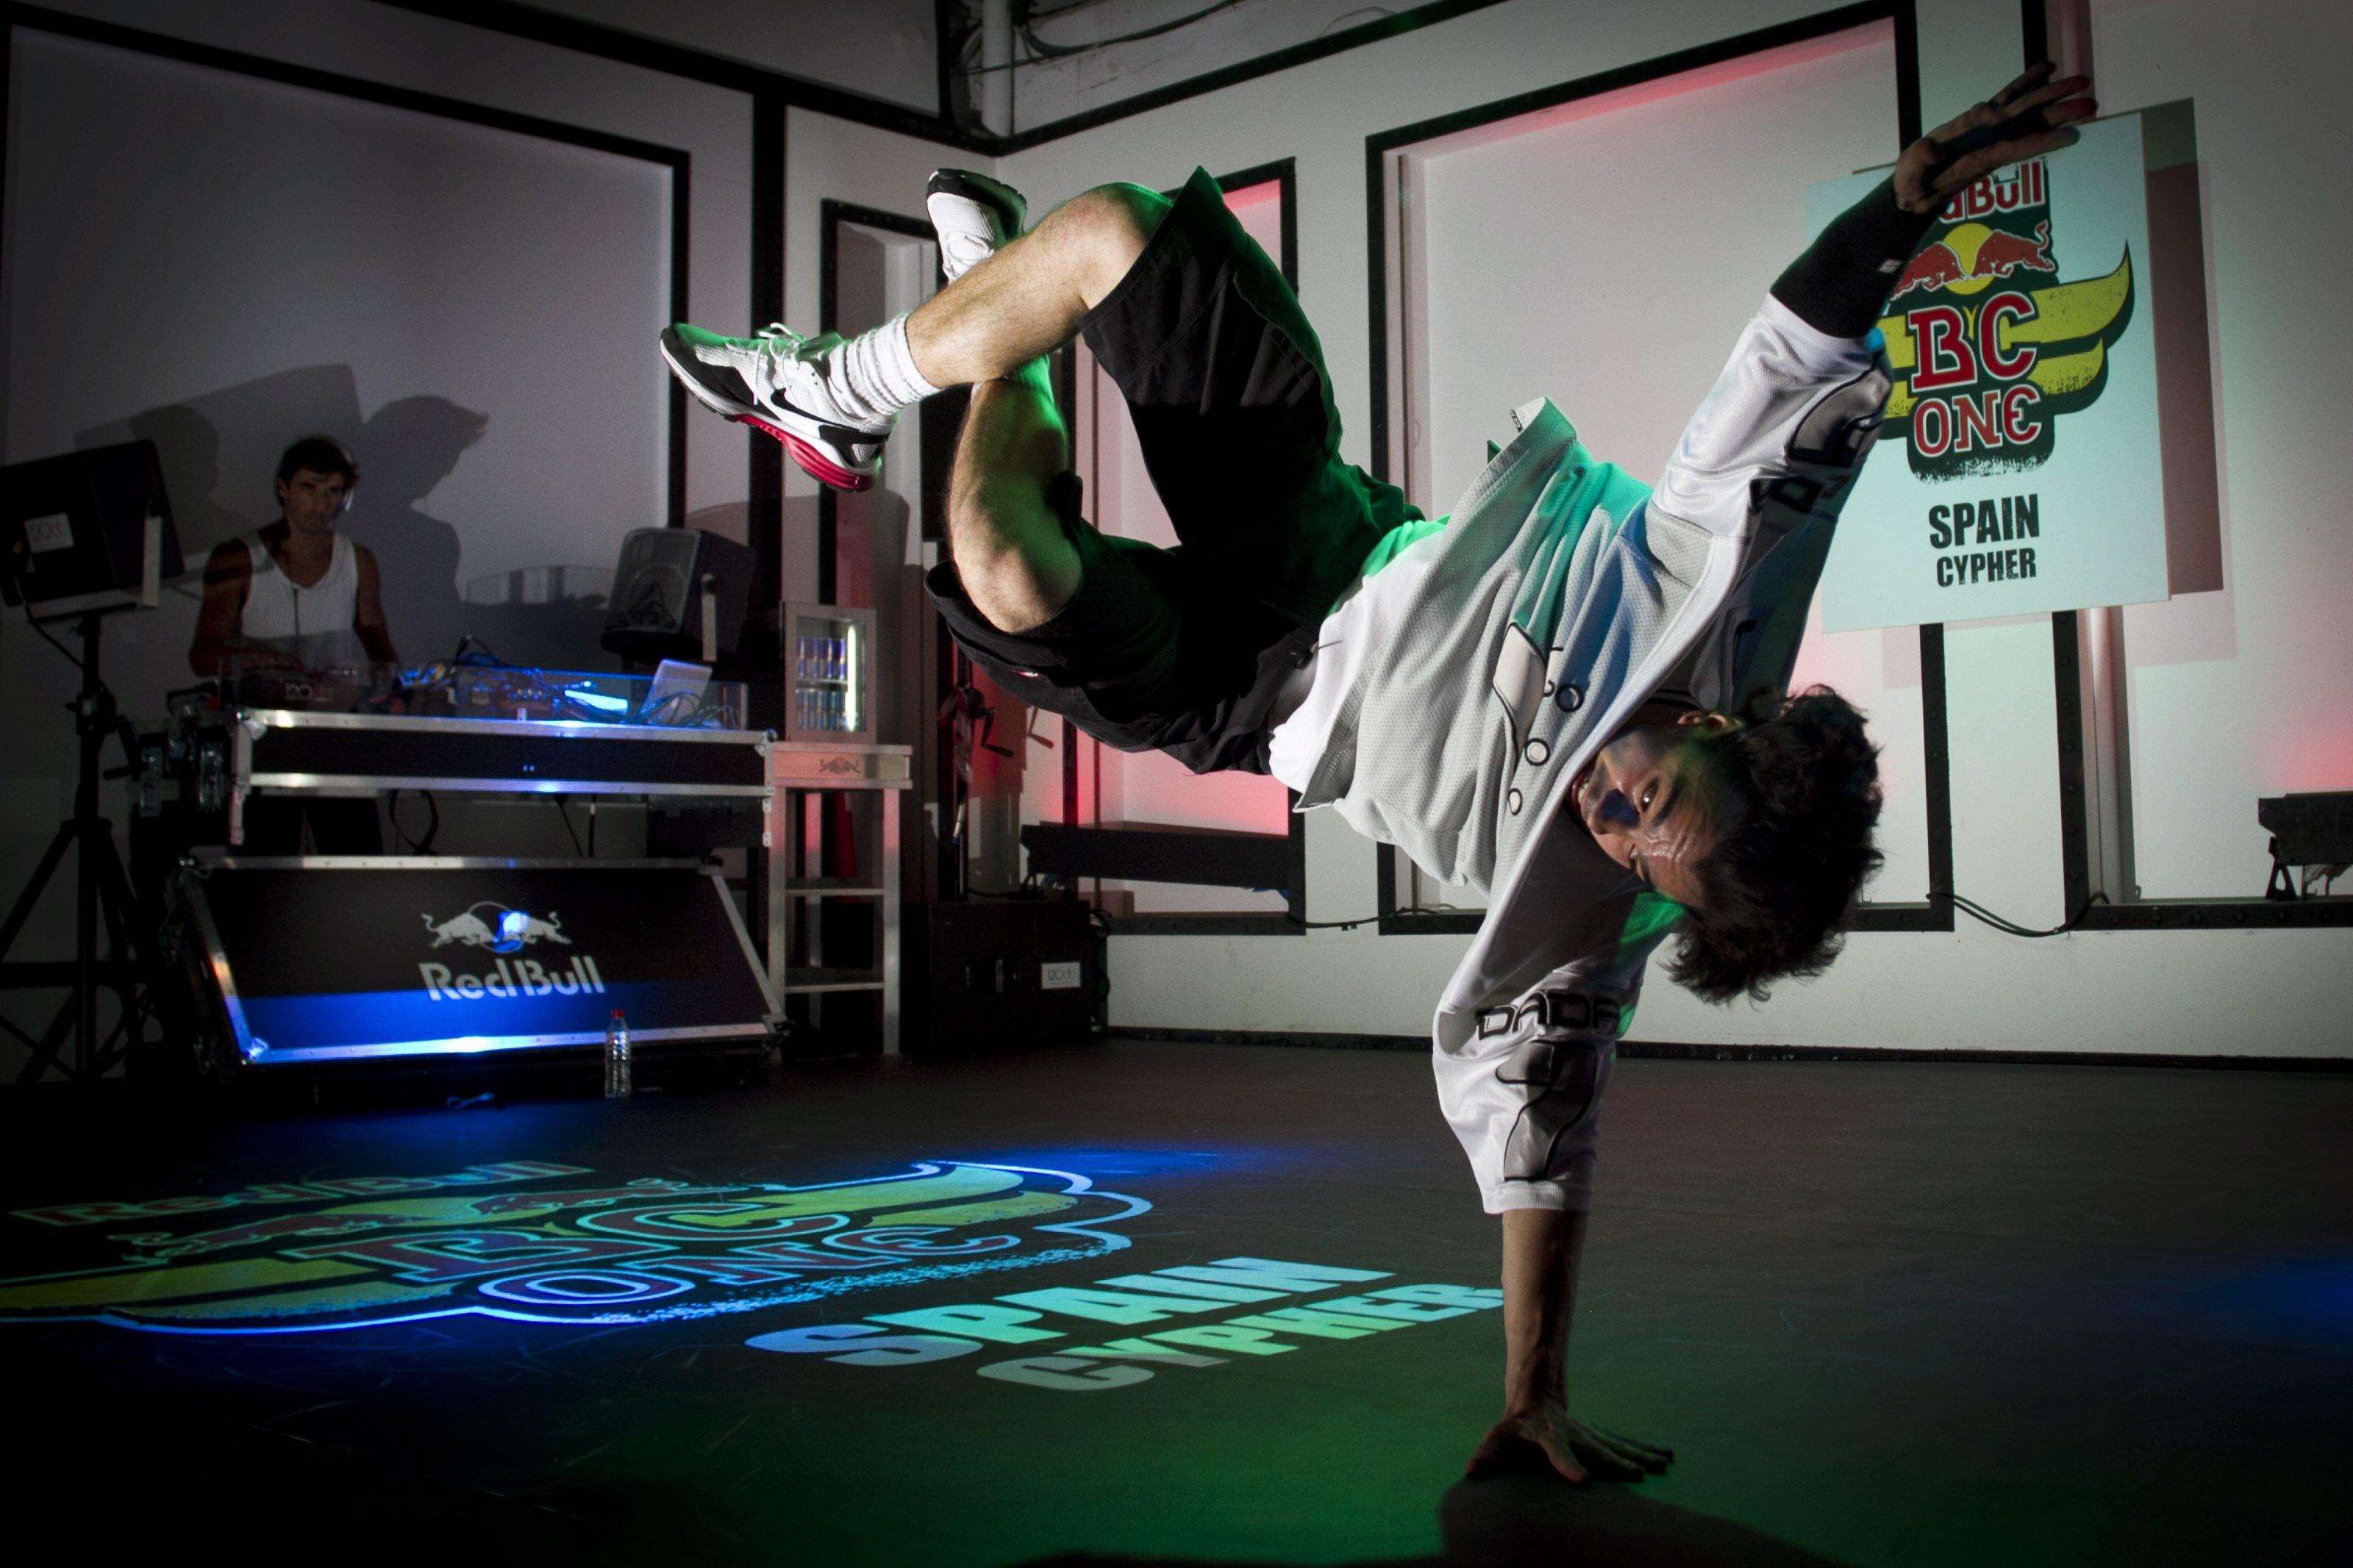 Kid Skills - Performance